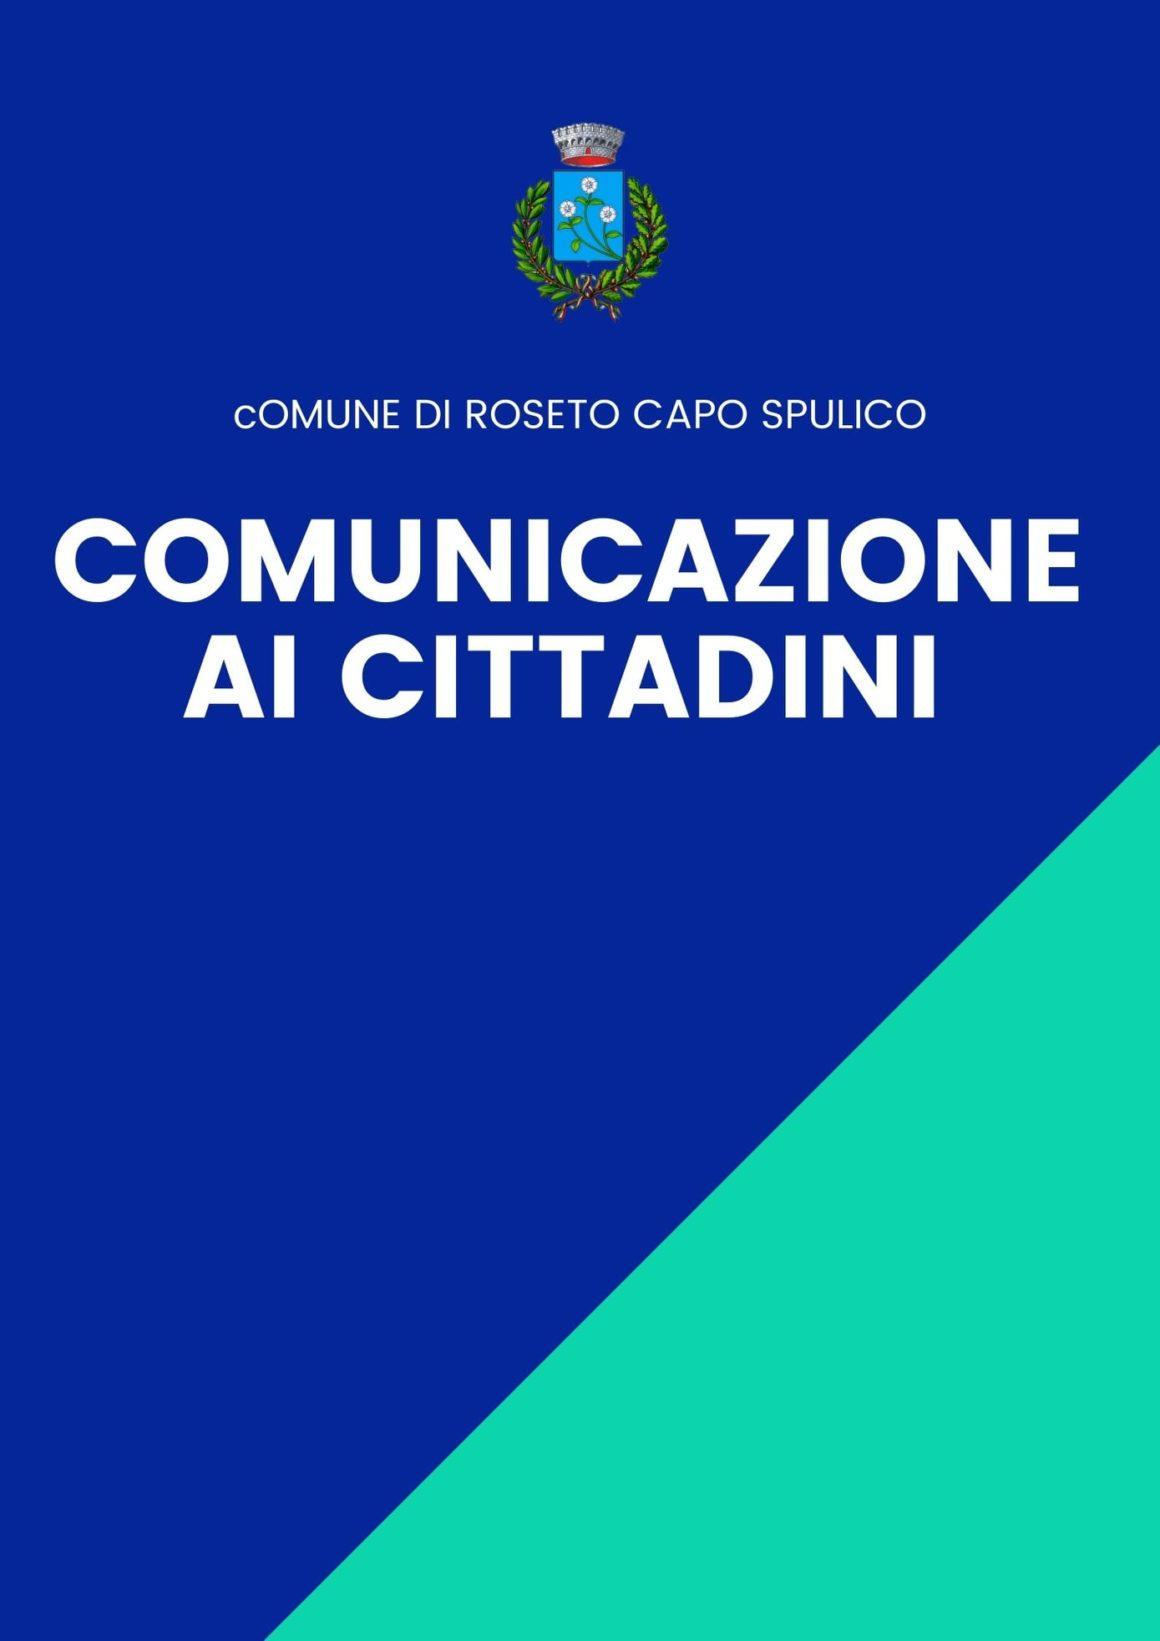 RISCONTRATO CASO DI POSITIVITA' AL COVID-19 A ROSETO CAPO SPULICO